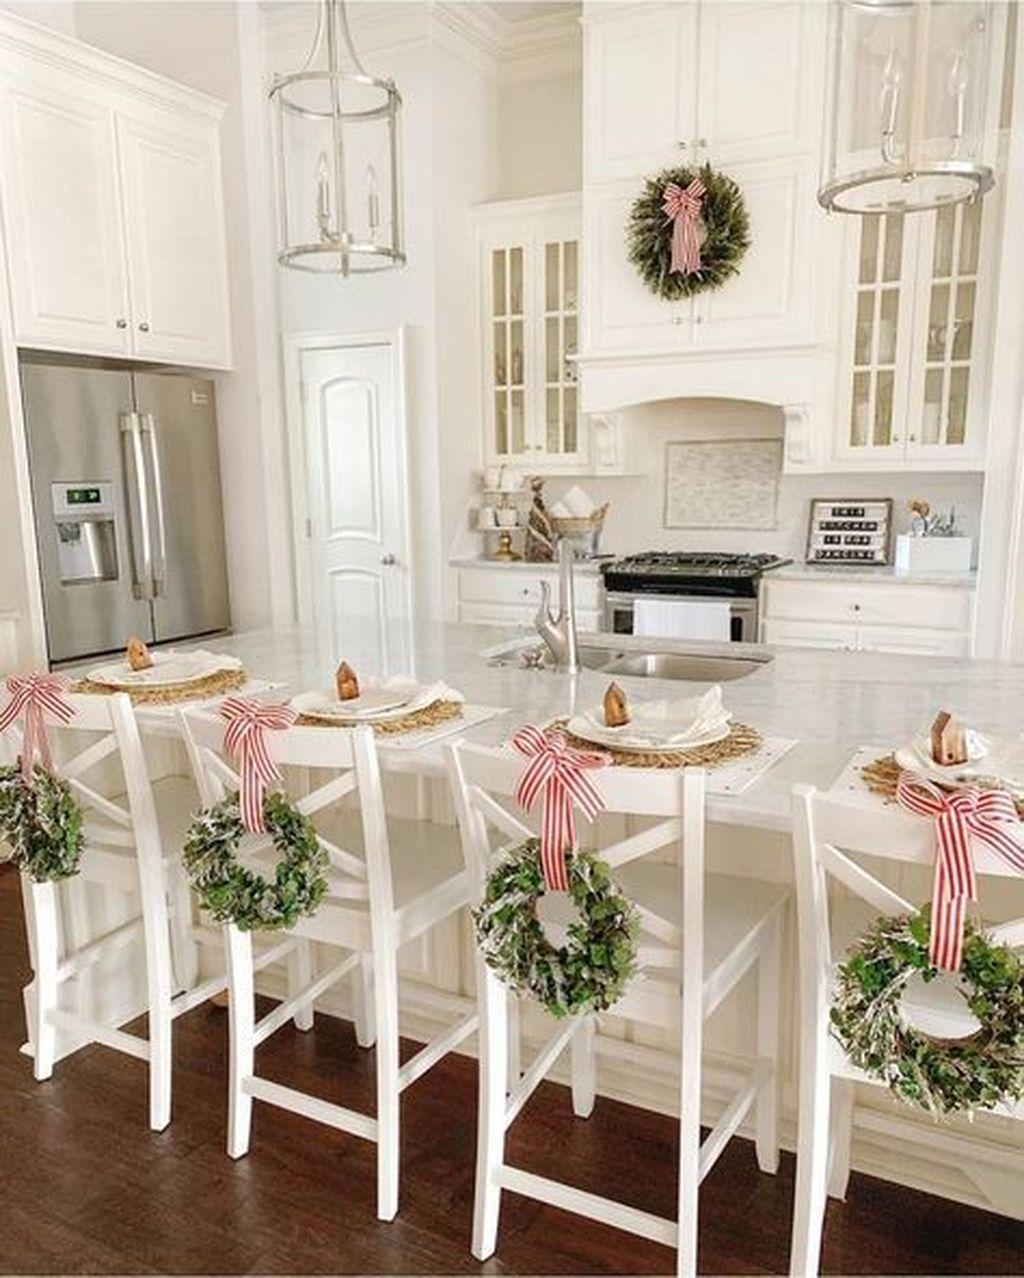 Awesome Christmas Theme Kitchen Decor Ideas 31